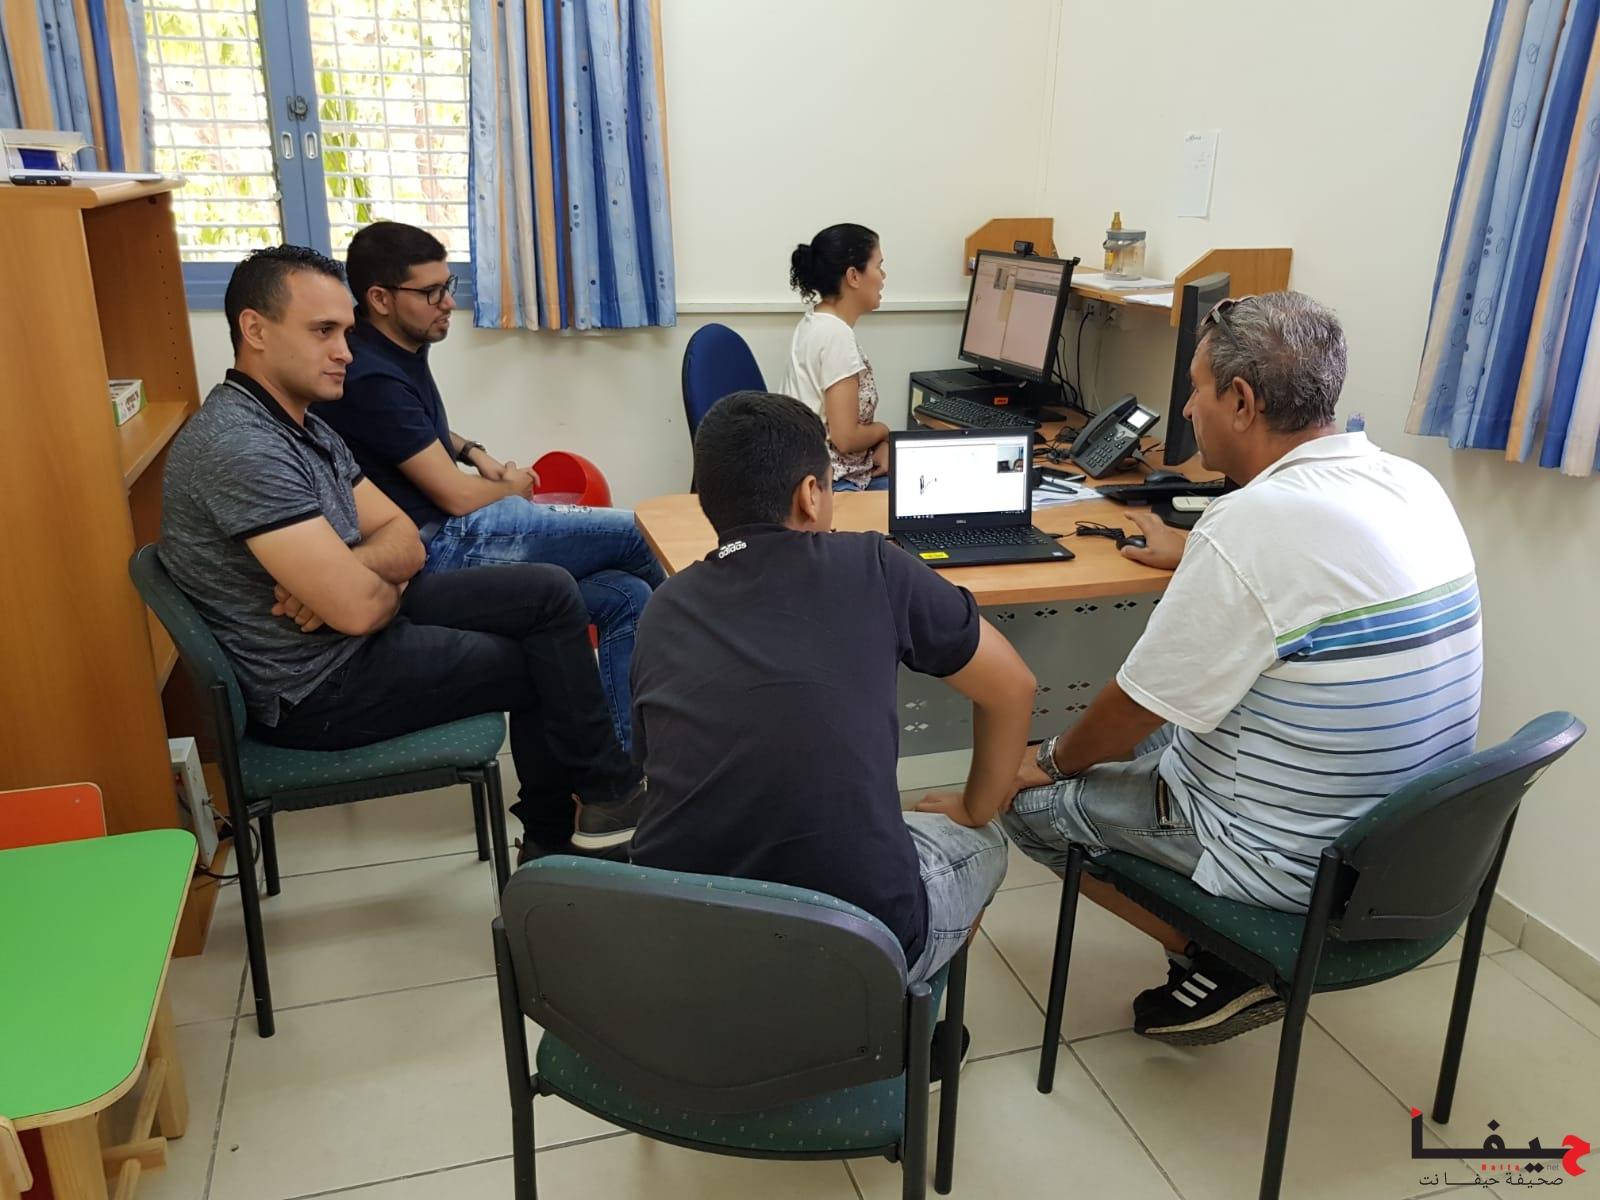 אימון לקראת שיקום וירטואלי קלינאיות תקשורת